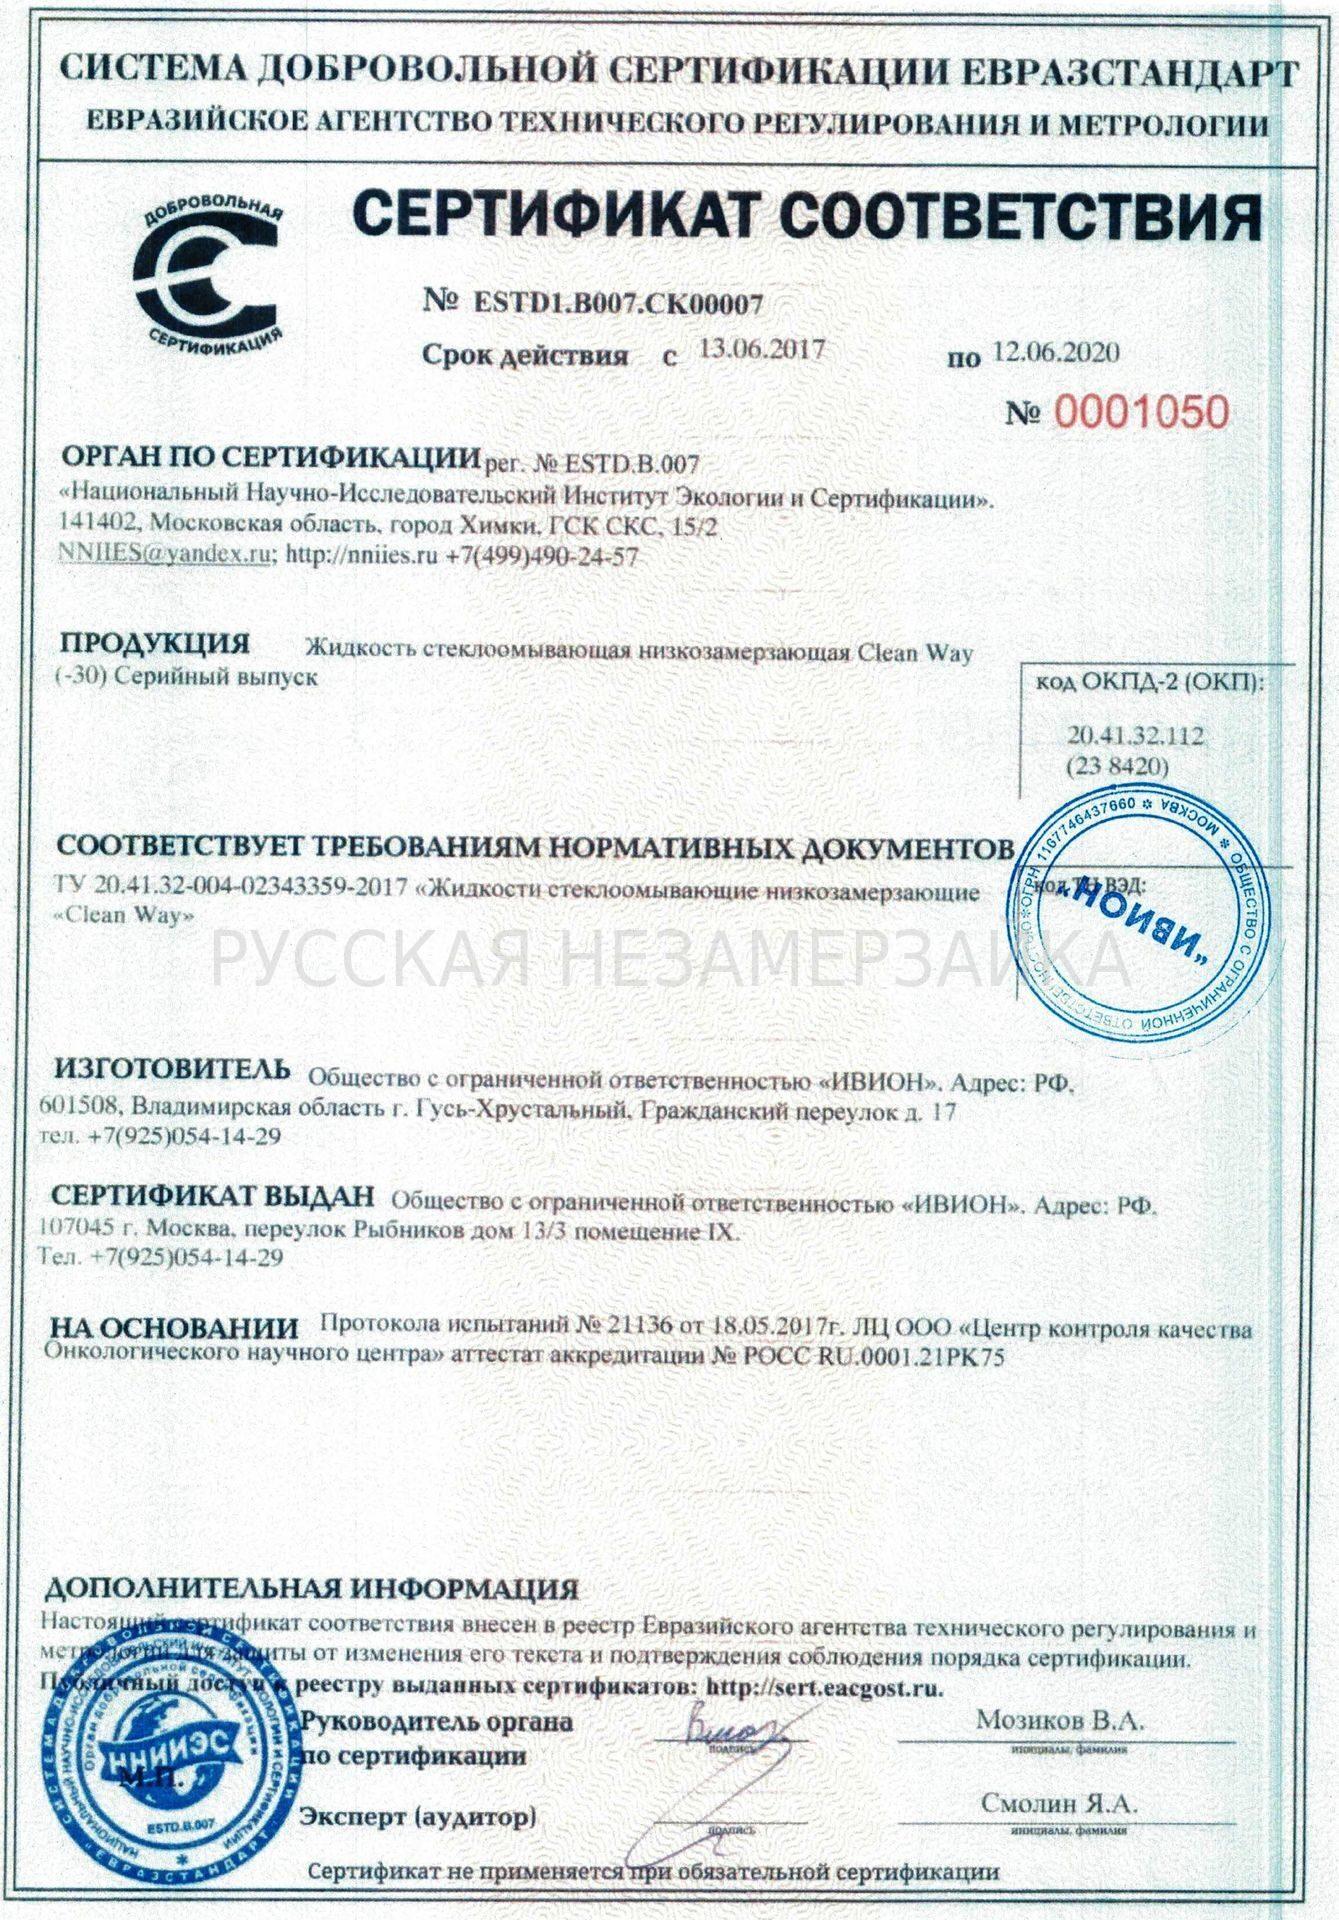 Жидкости стеклоомывателя низкозамерзающая сертификация техзадание на разработку сайта сертификация